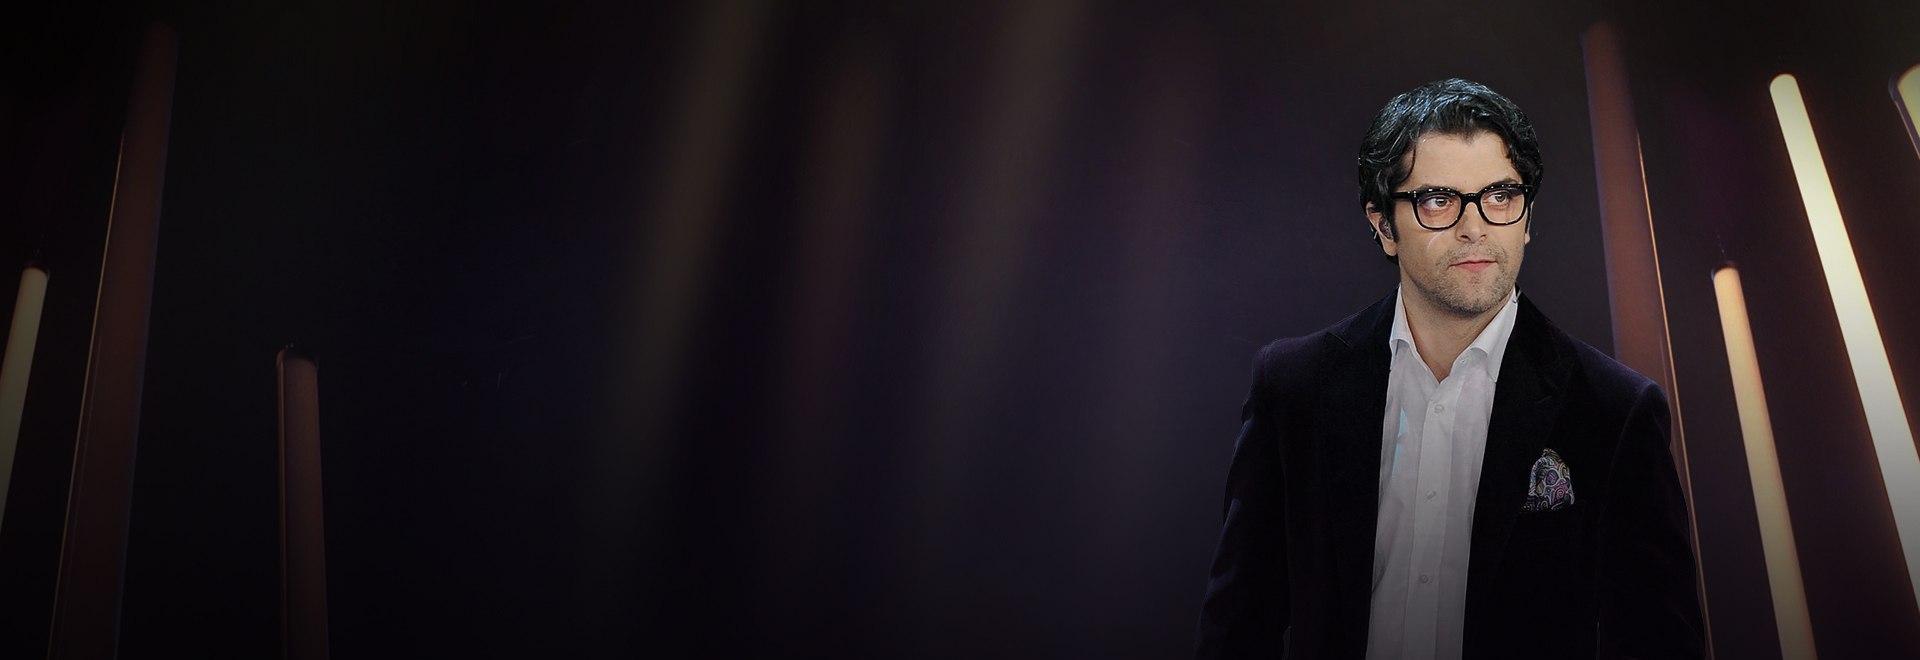 Stories - Samuele Bersani Improvvisa vertigine